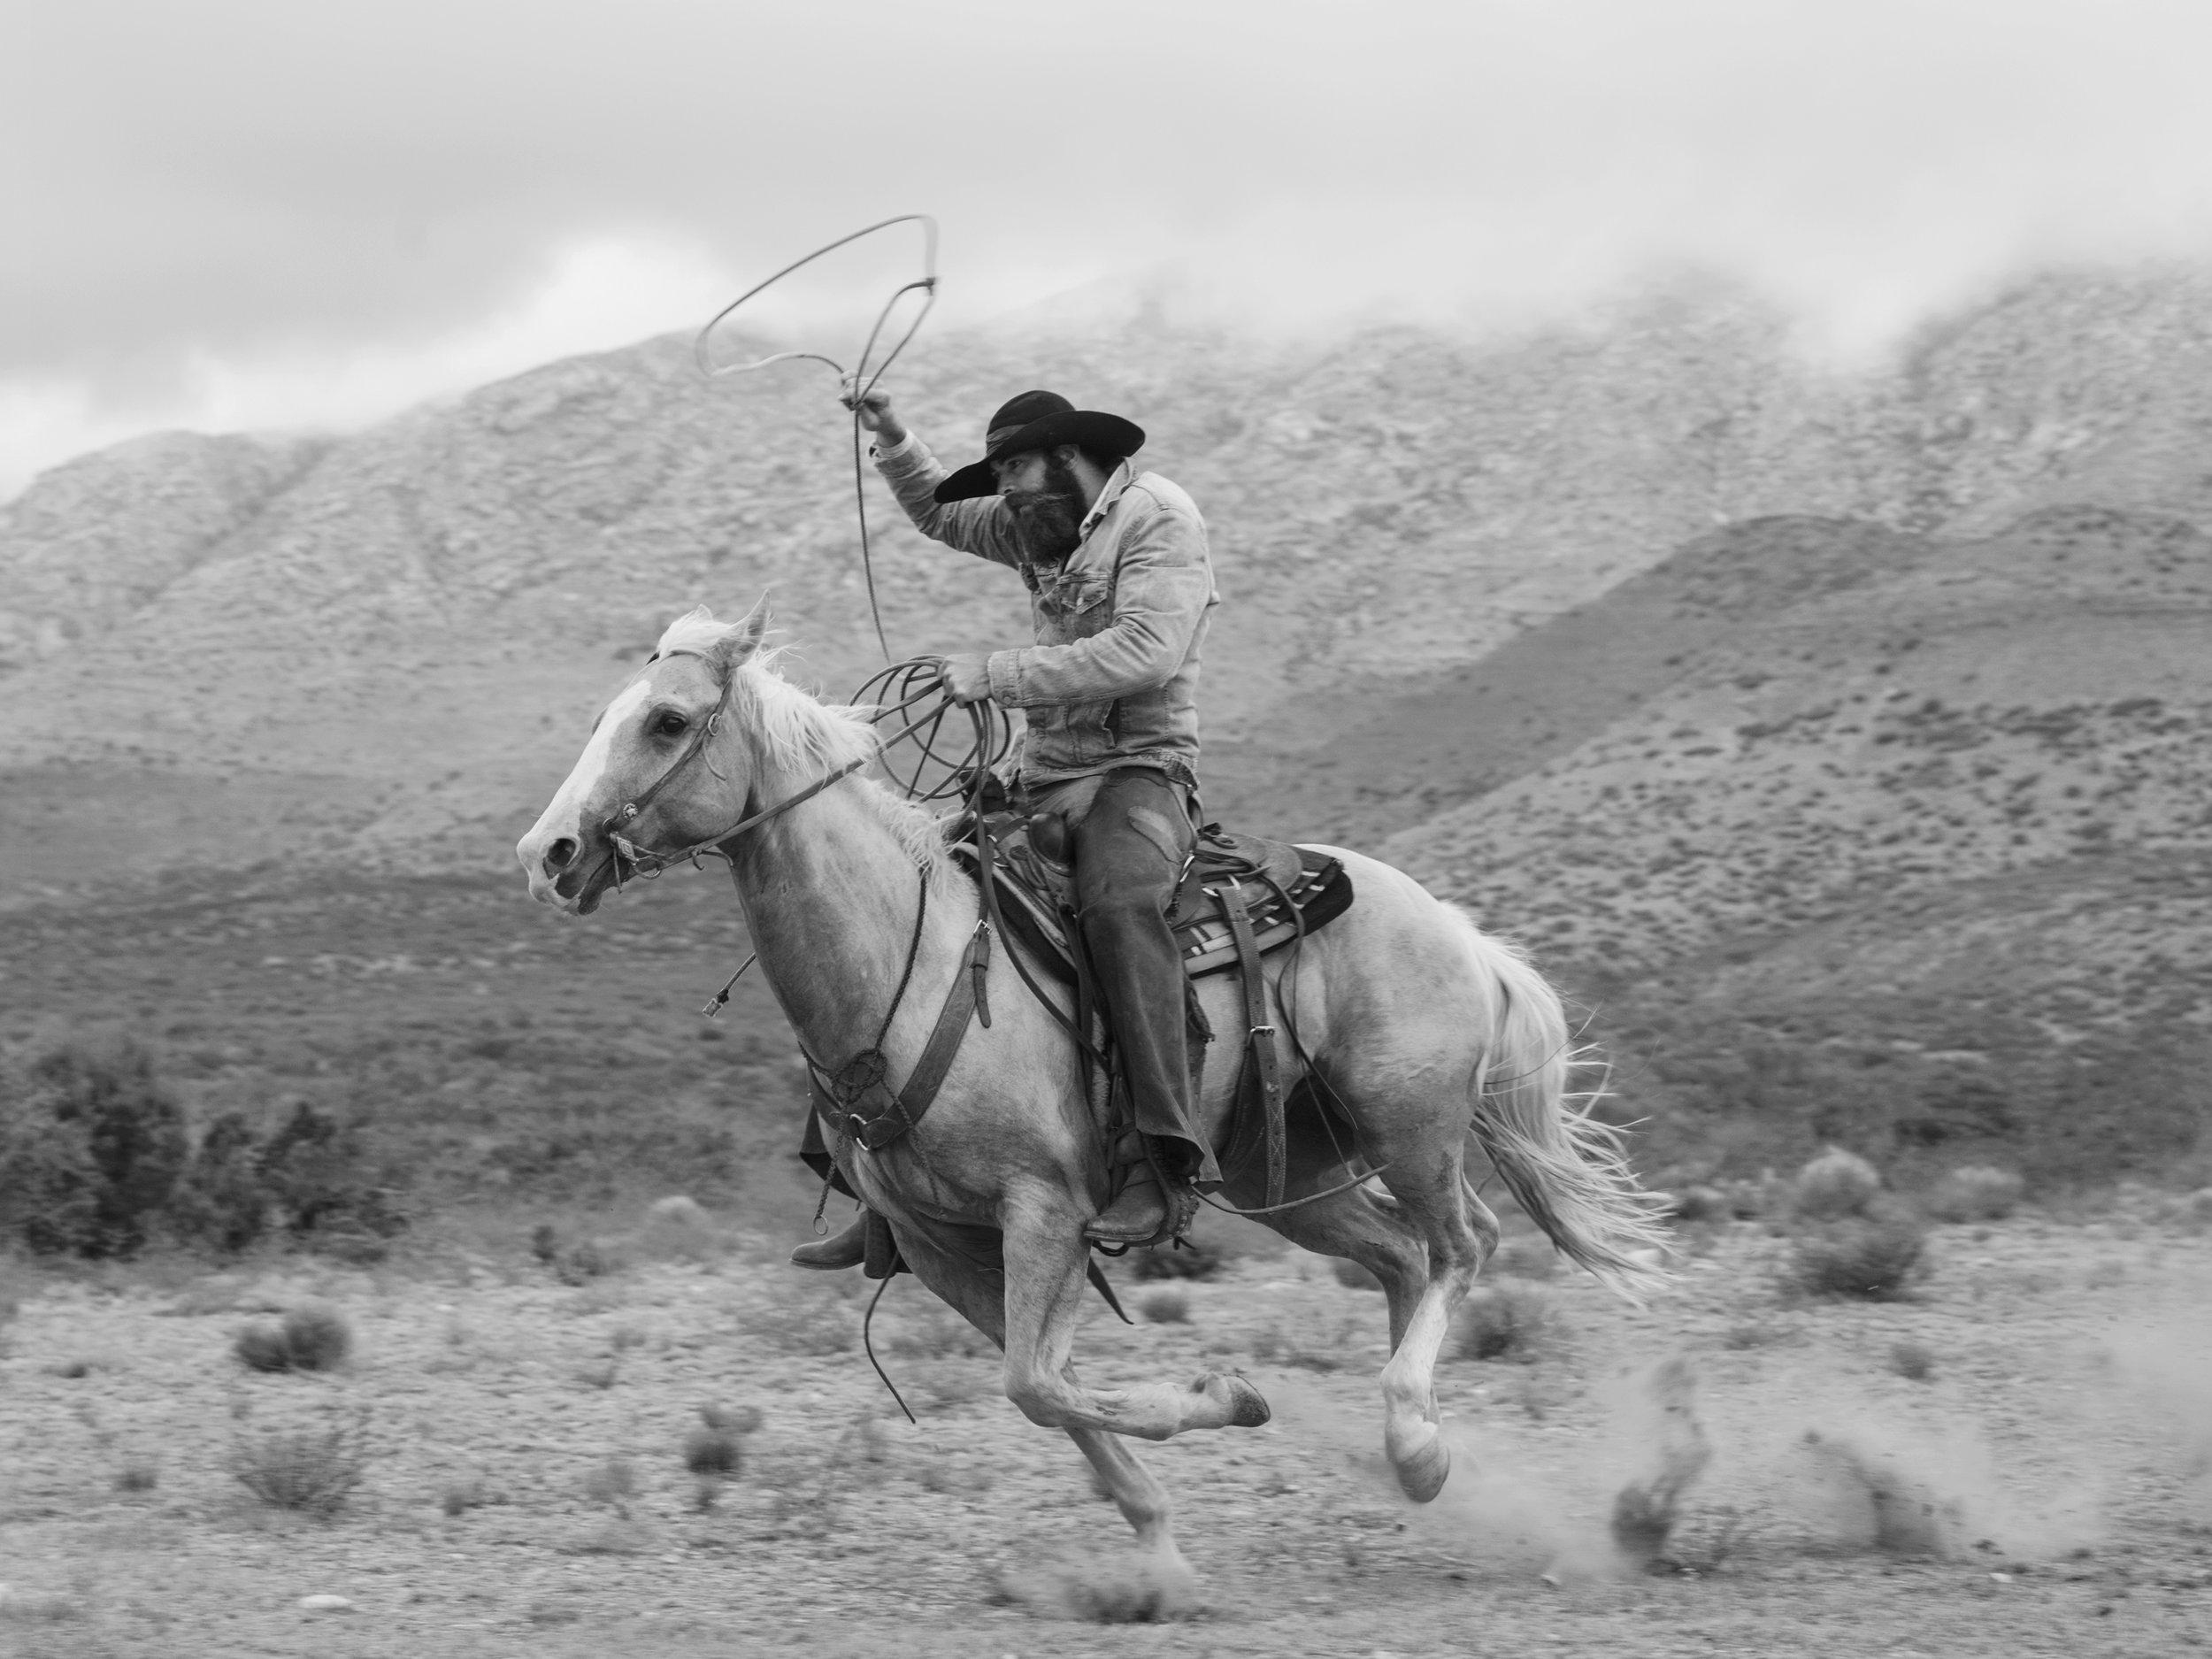 horse_rider-1.jpg